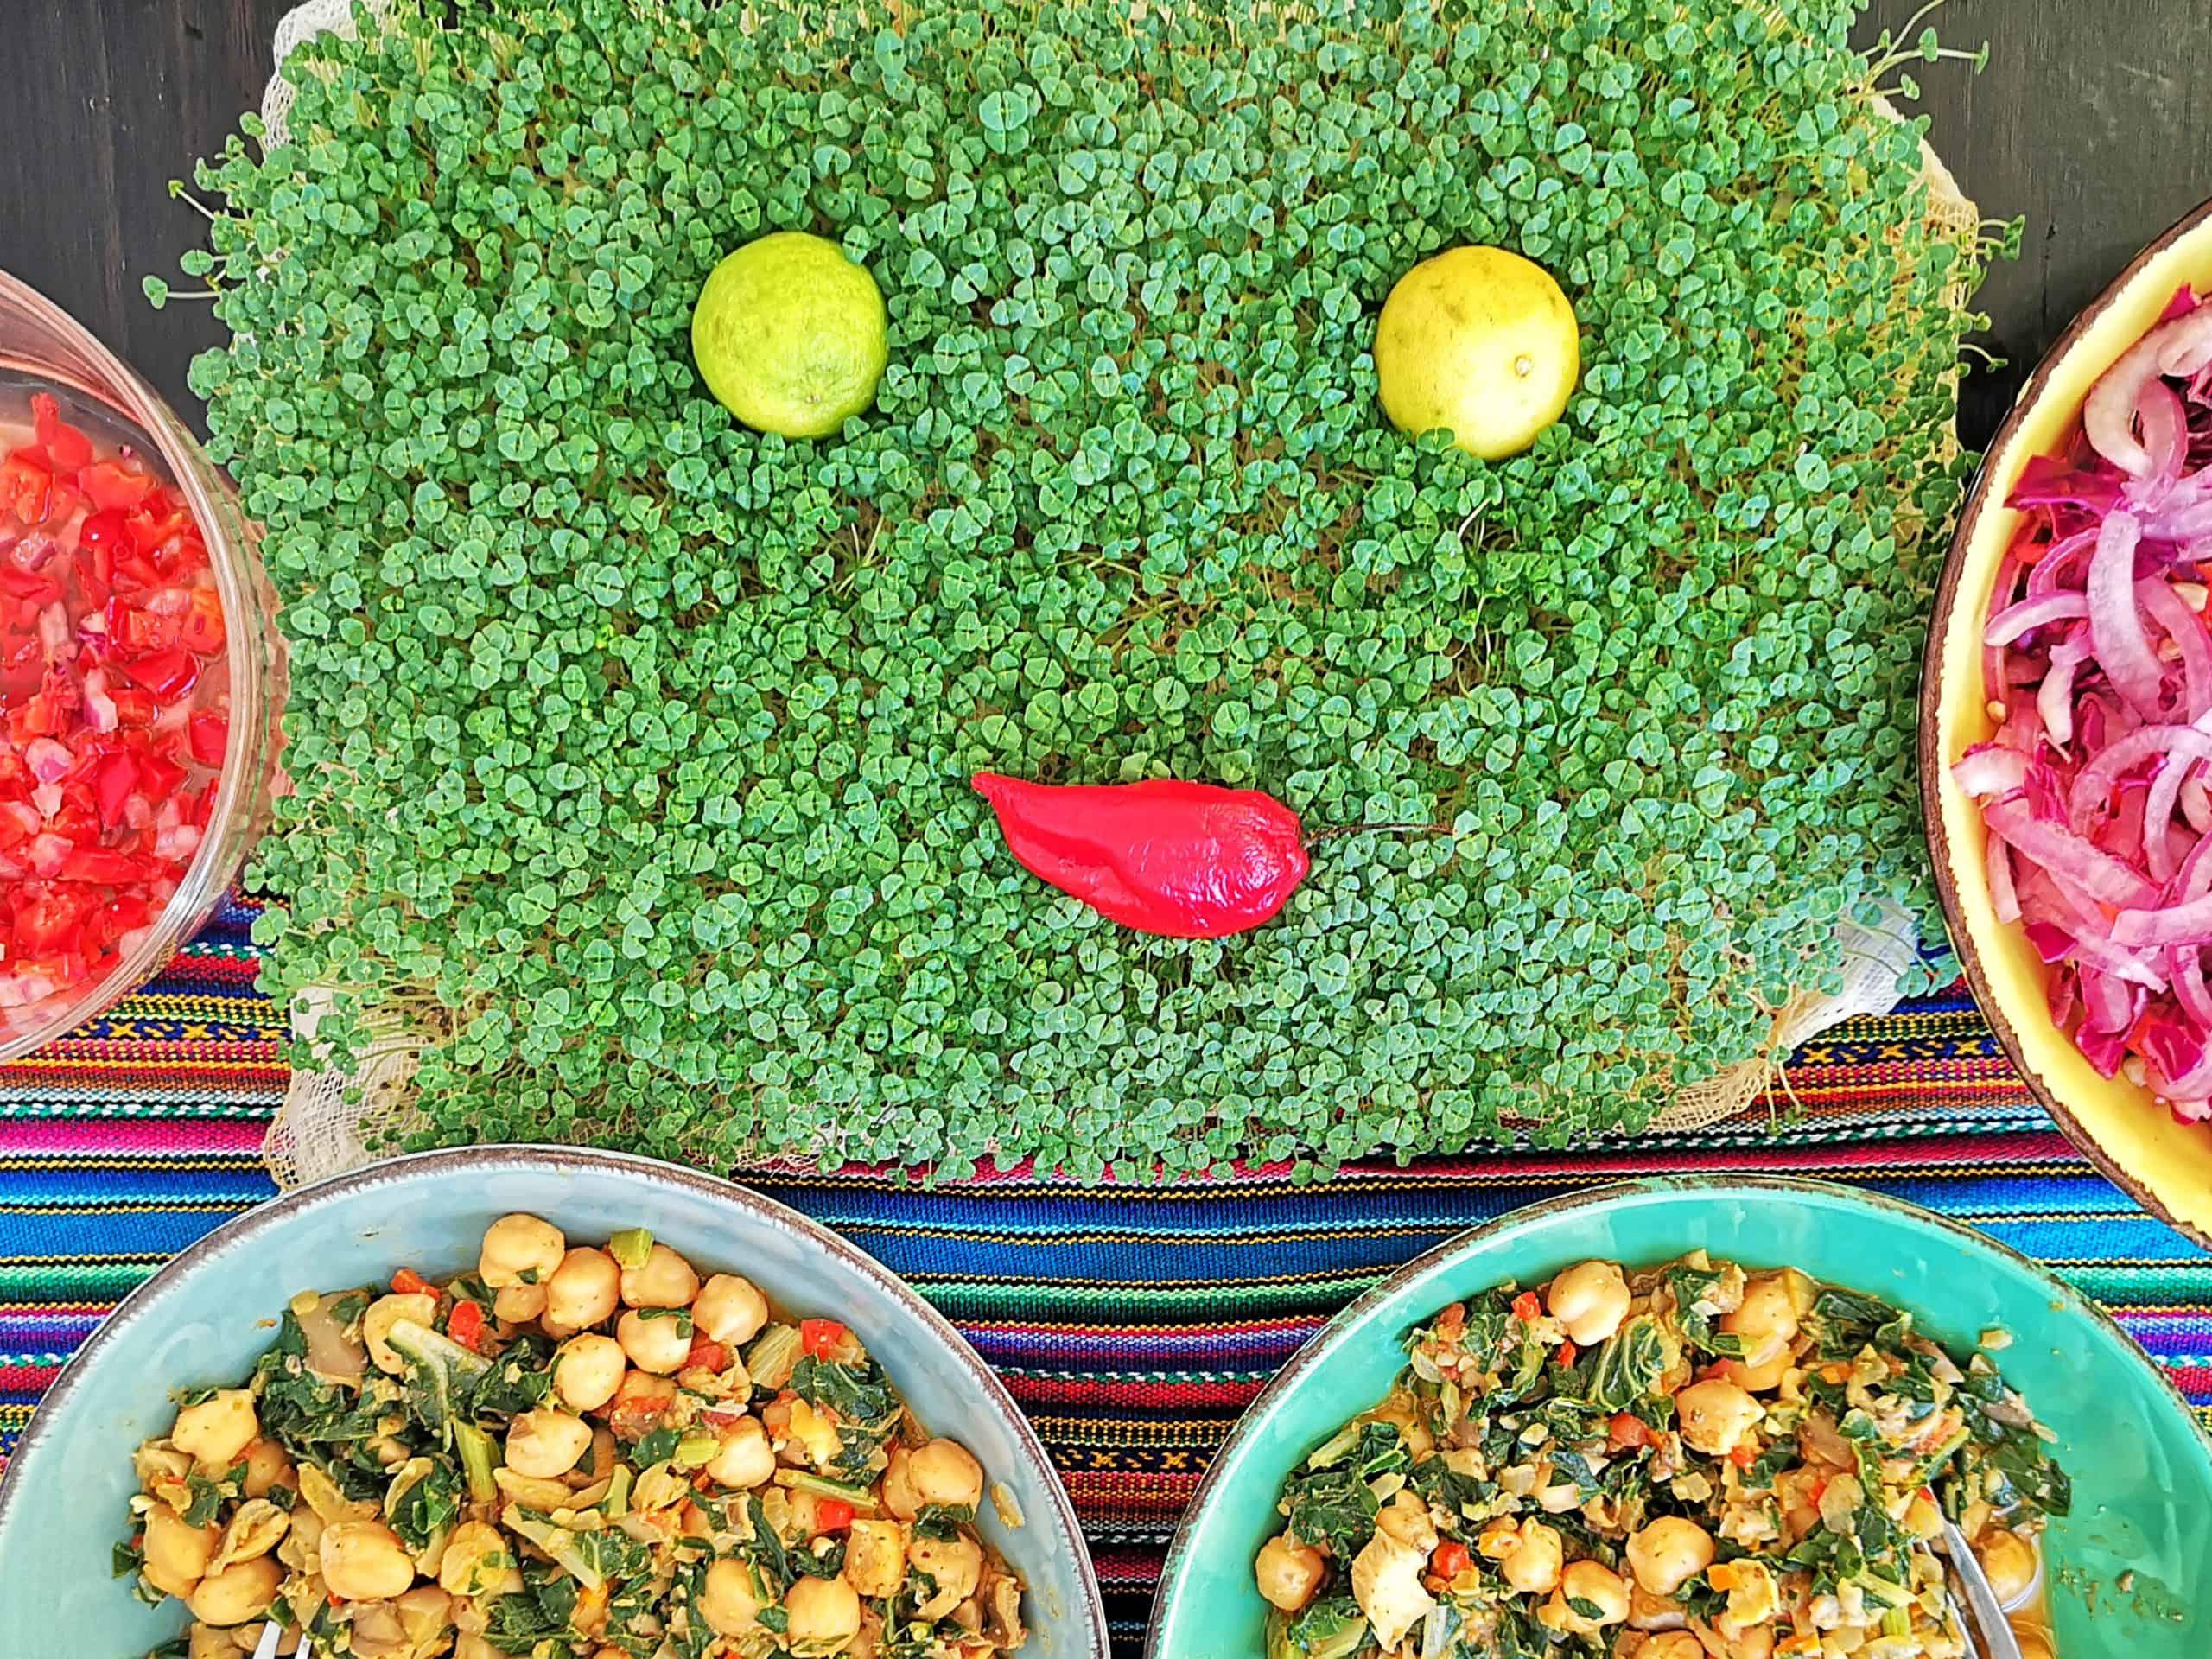 kiełki z nasion chia, szałwia hiszpańska